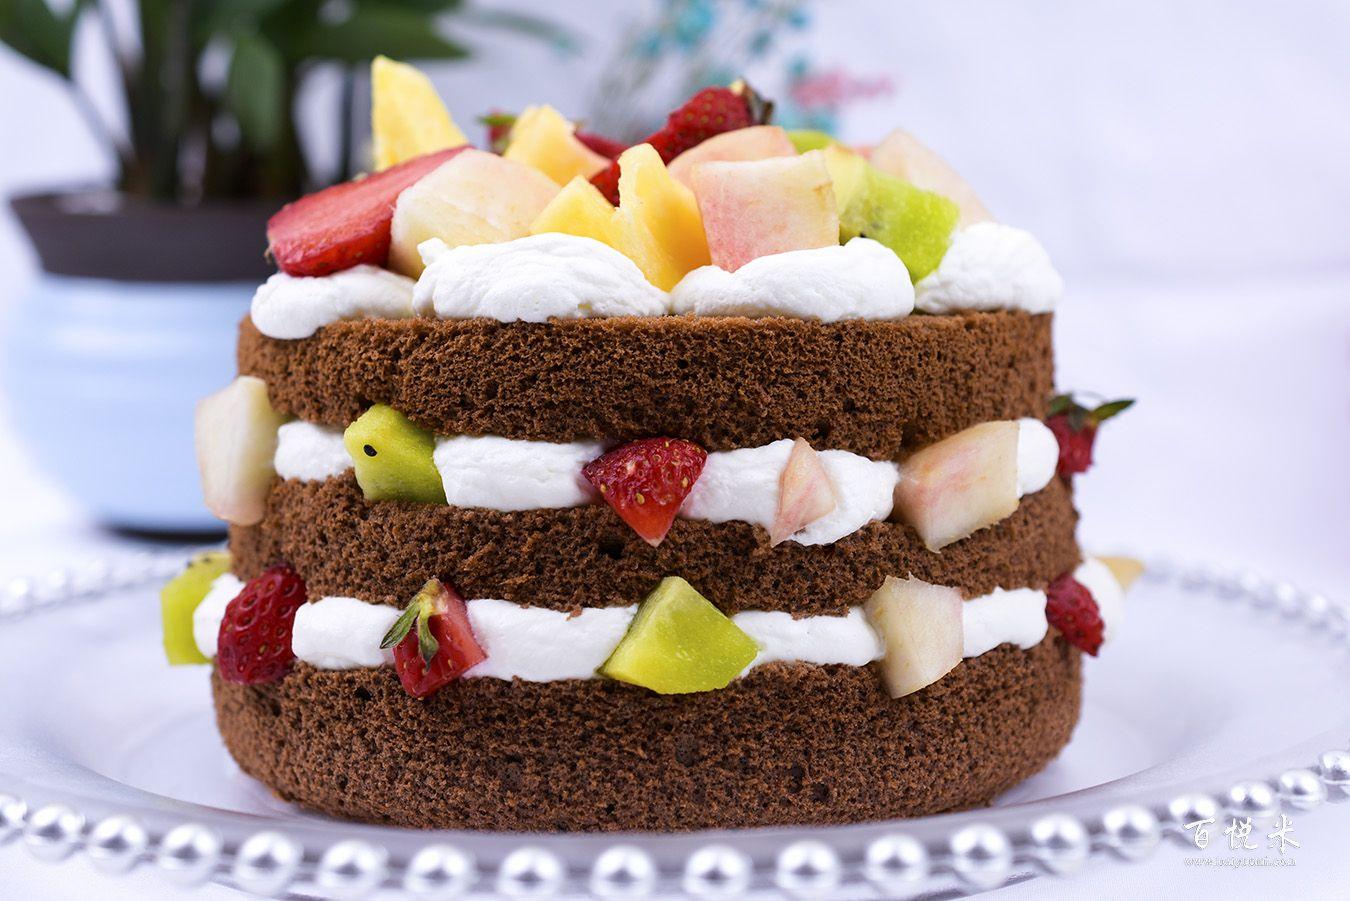 巧克力裸蛋糕高清图片大全【蛋糕图片】_1118